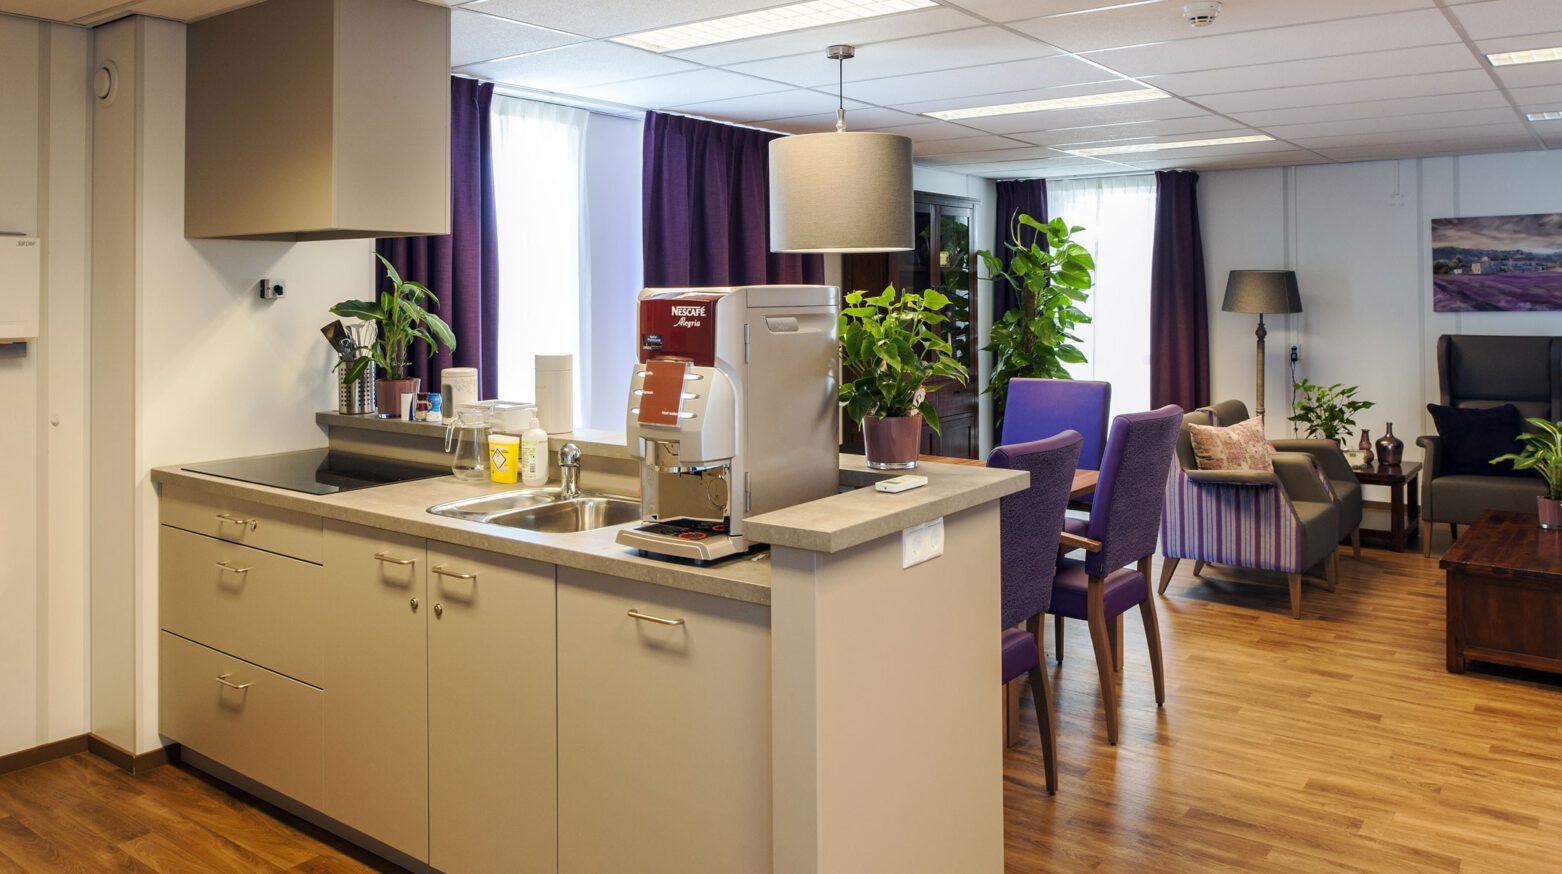 Tantelouise vivensis ontspanningsruimte met keukenopstelling